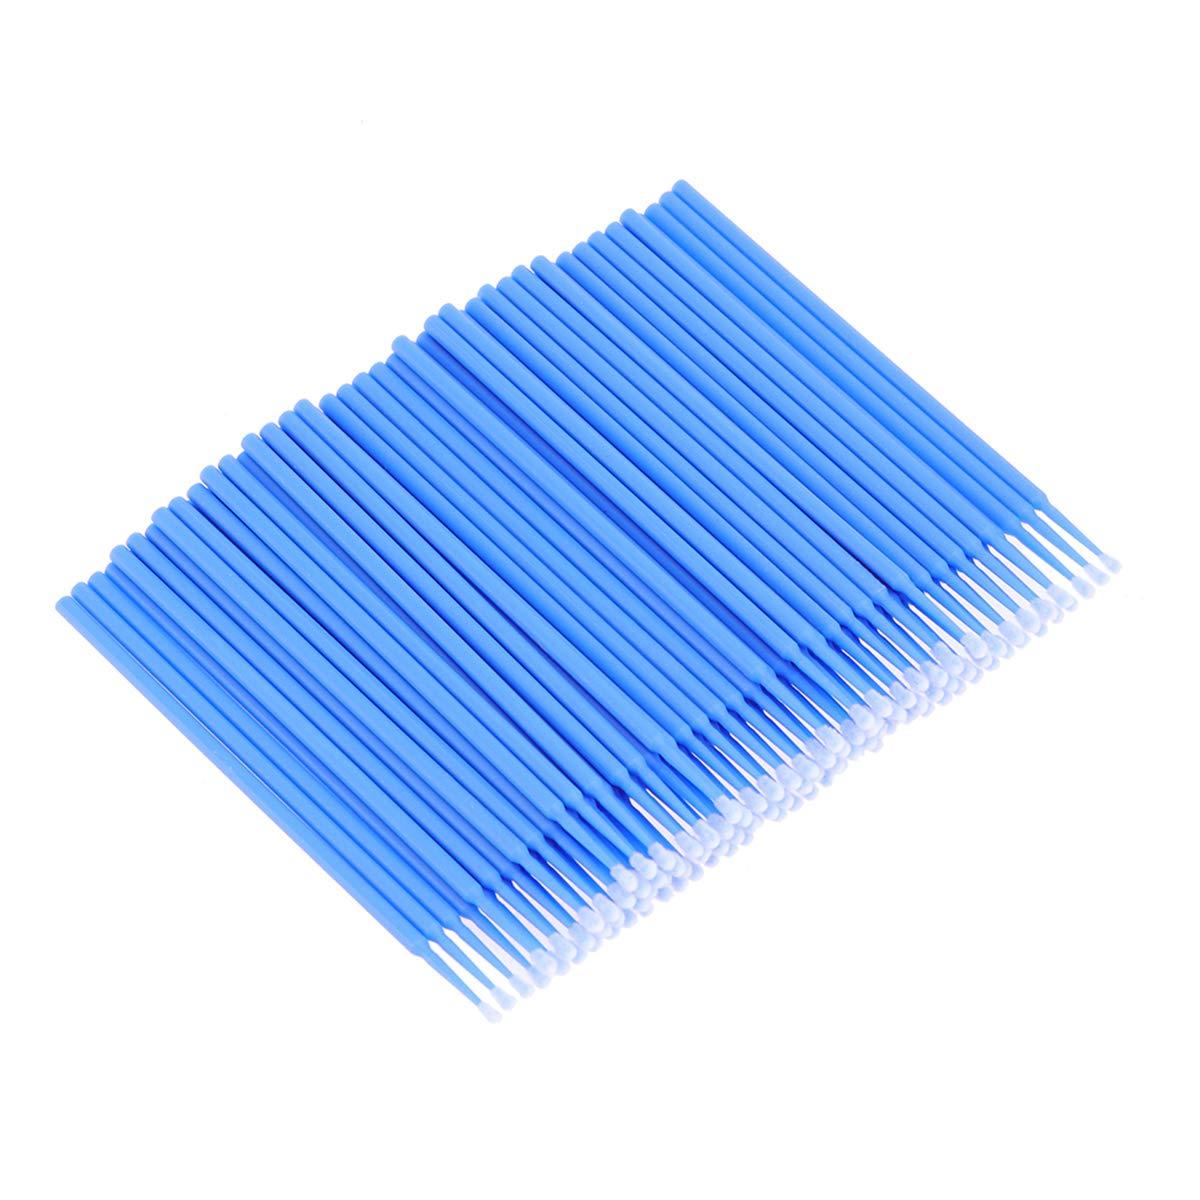 Lurrose 200 unids Micro cepillos desechables aplicadores hisopo de algod/ón para extensiones de pesta/ñas injertar pesta/ñas falsas eliminar palillo de limpieza tama/ño grande